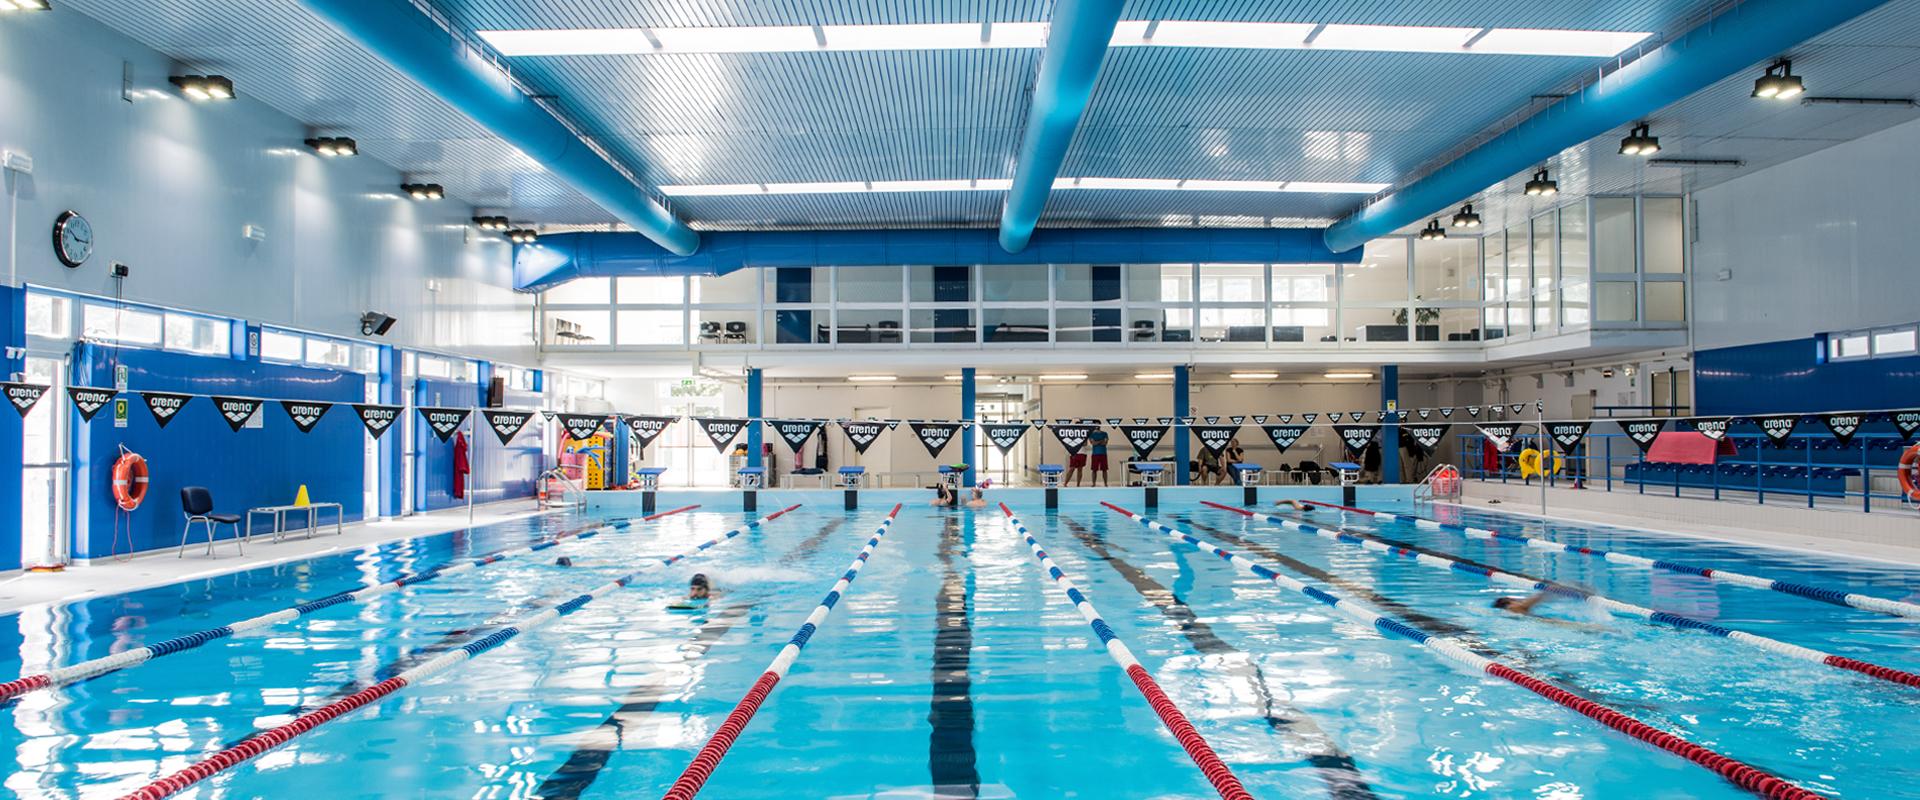 Fari LED piscine pubbliche